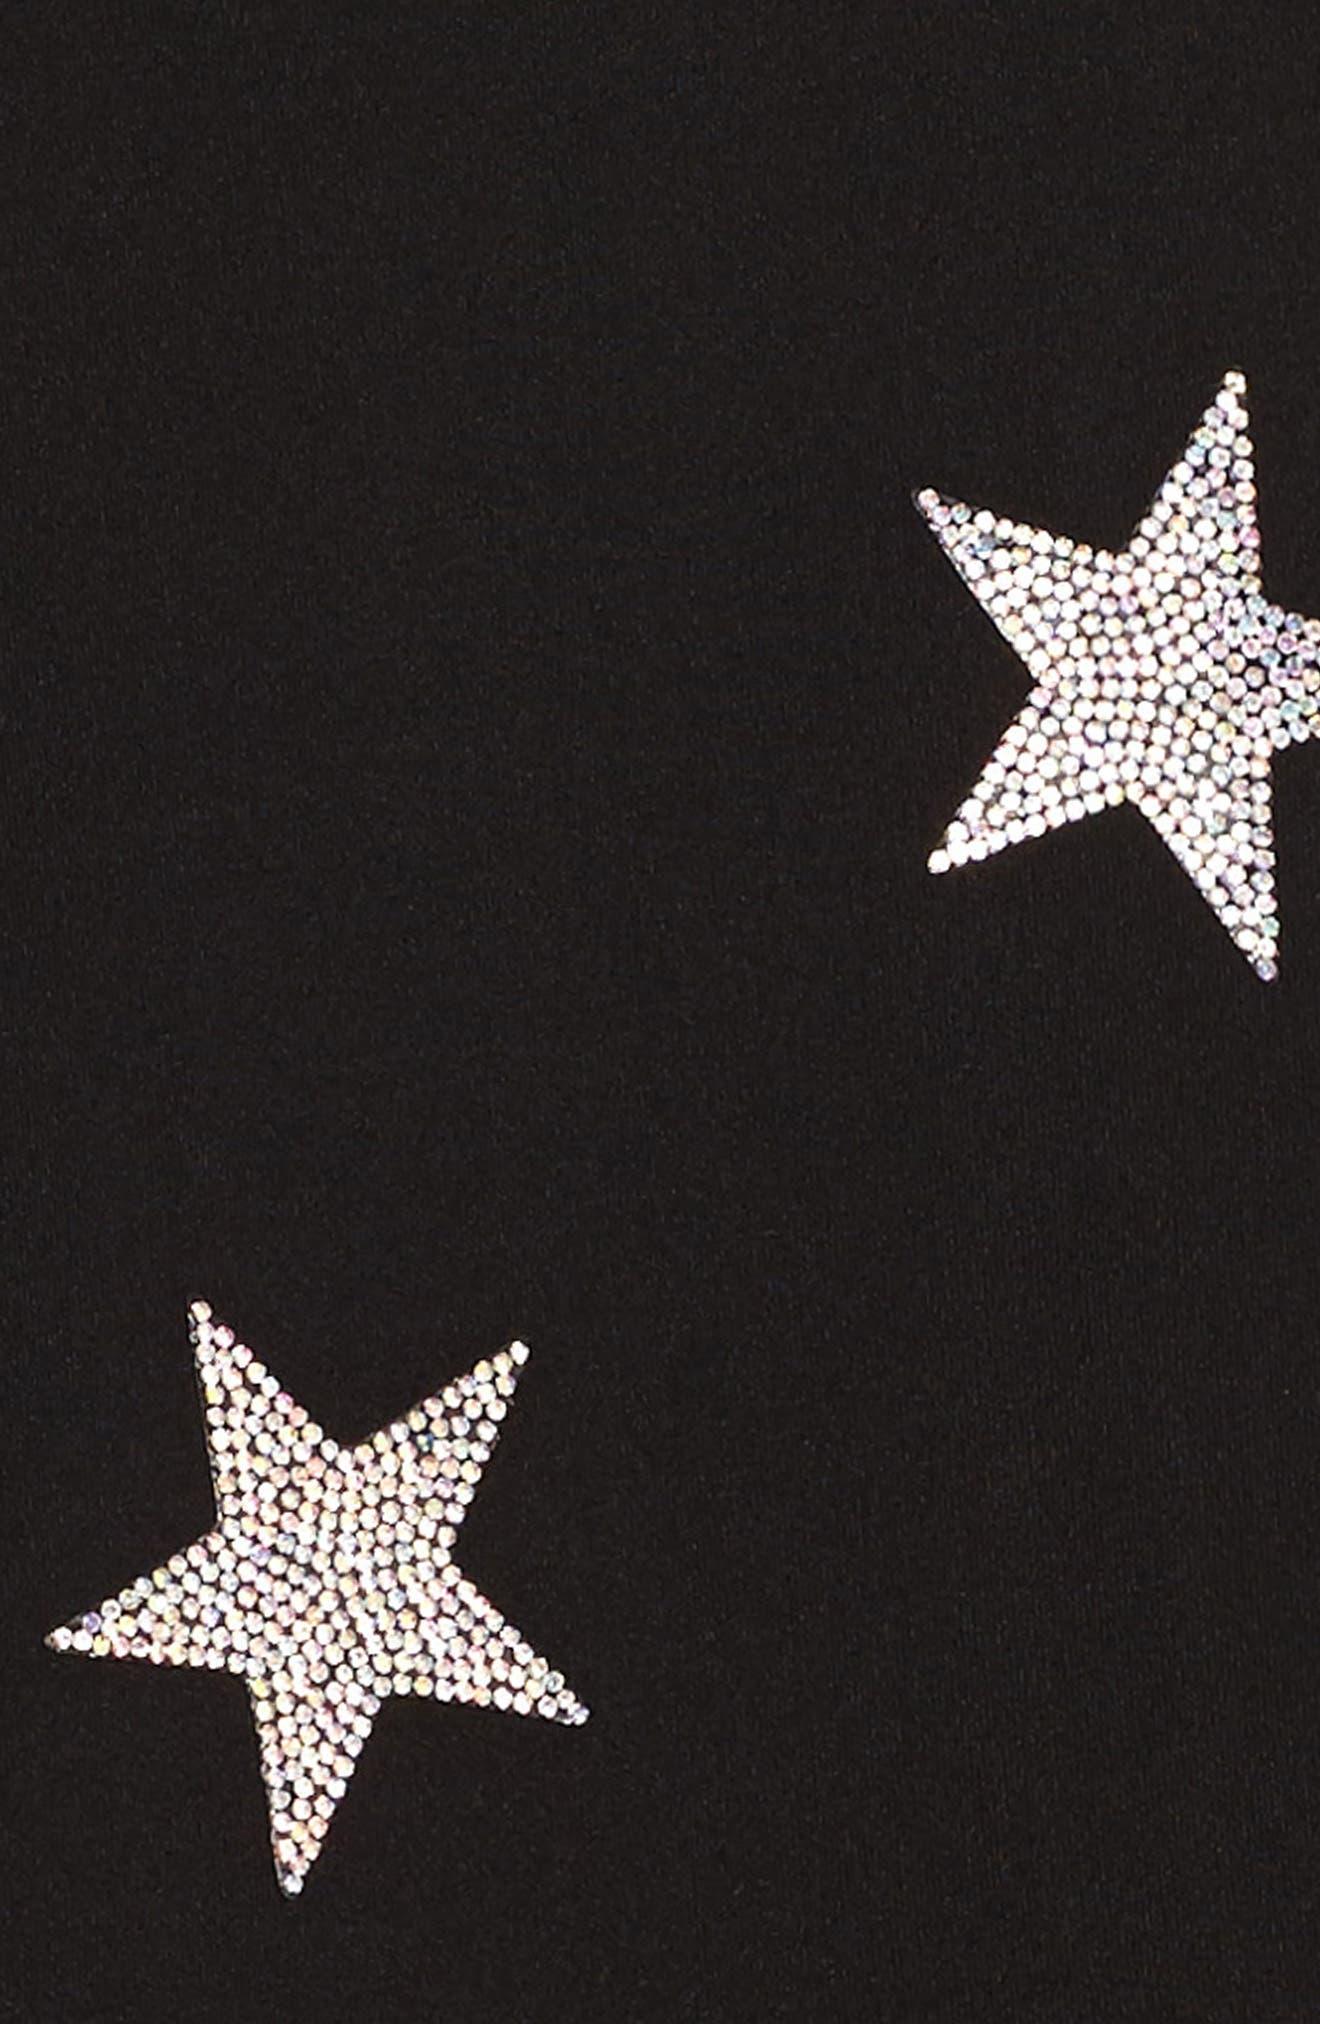 Star Embellished Dress,                             Alternate thumbnail 3, color,                             006